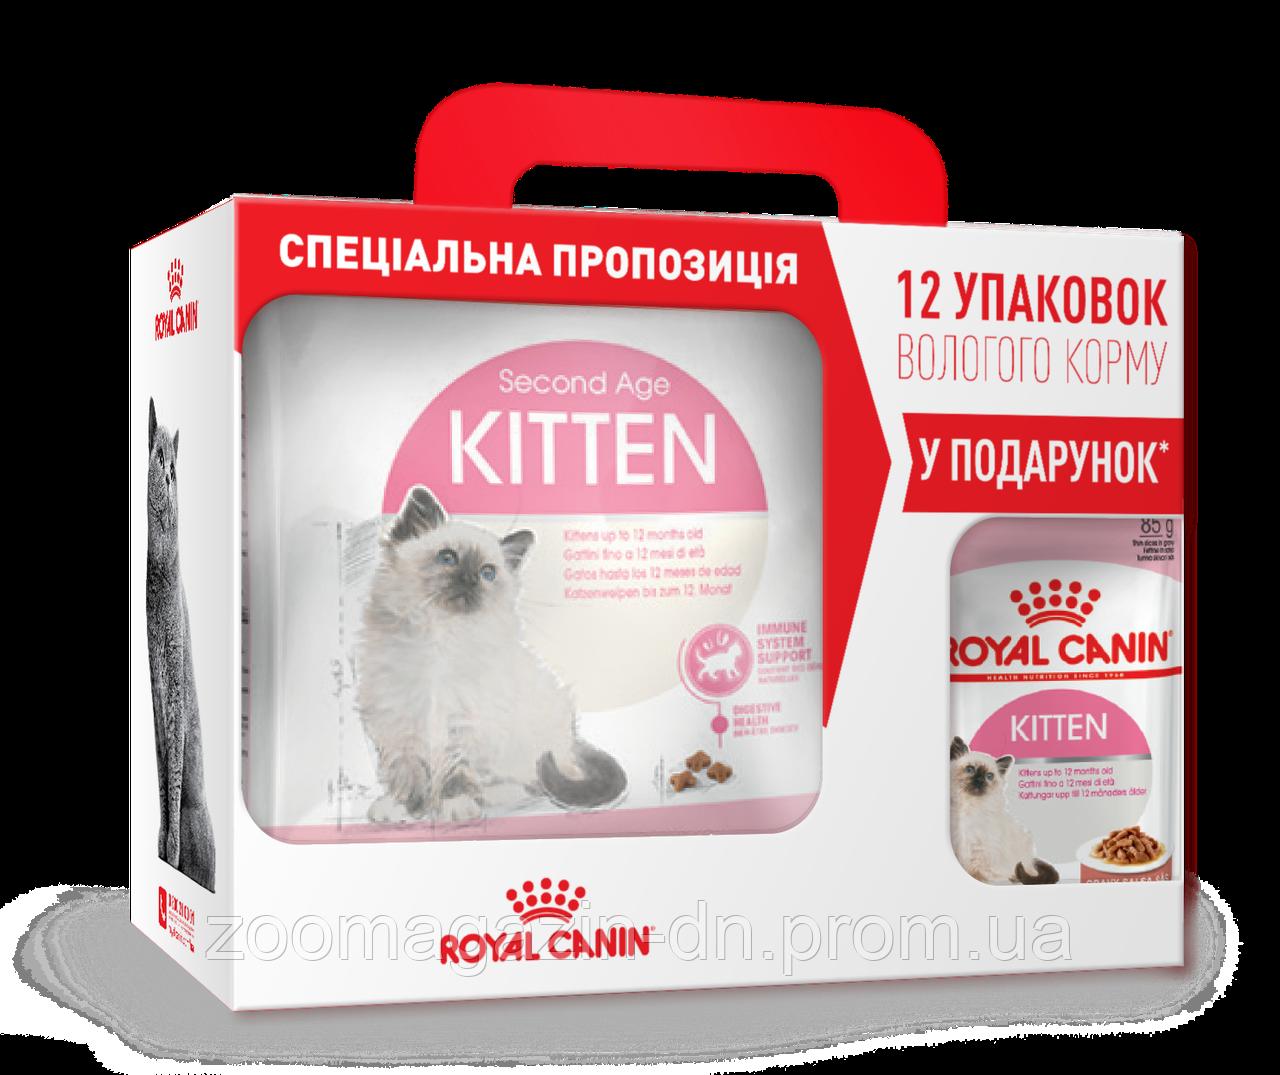 Акция Royal Canin Kitten 4 кг + 12 паучей в подарок